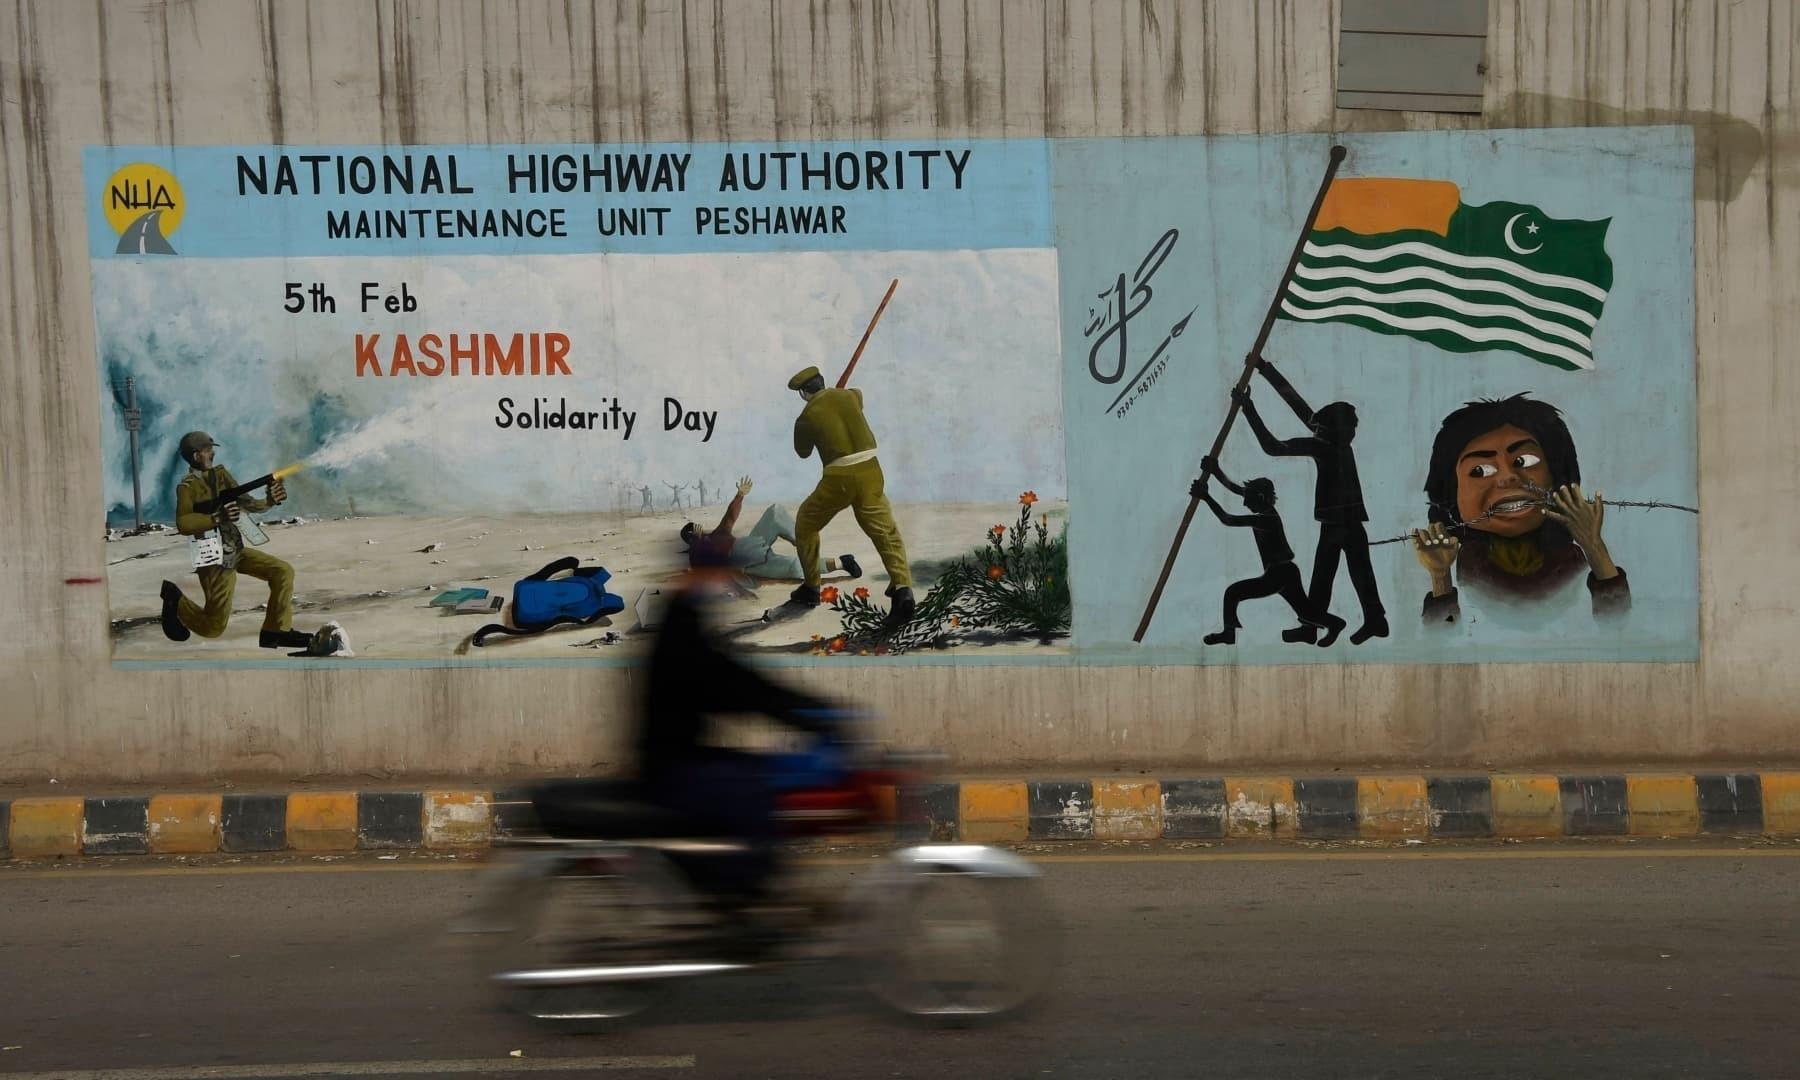 ملک بھر میں کشمیر سے یک جہتی کے سلسلے میں پروگرام منعقد کیے گئے—فوٹو: اے ایف پی